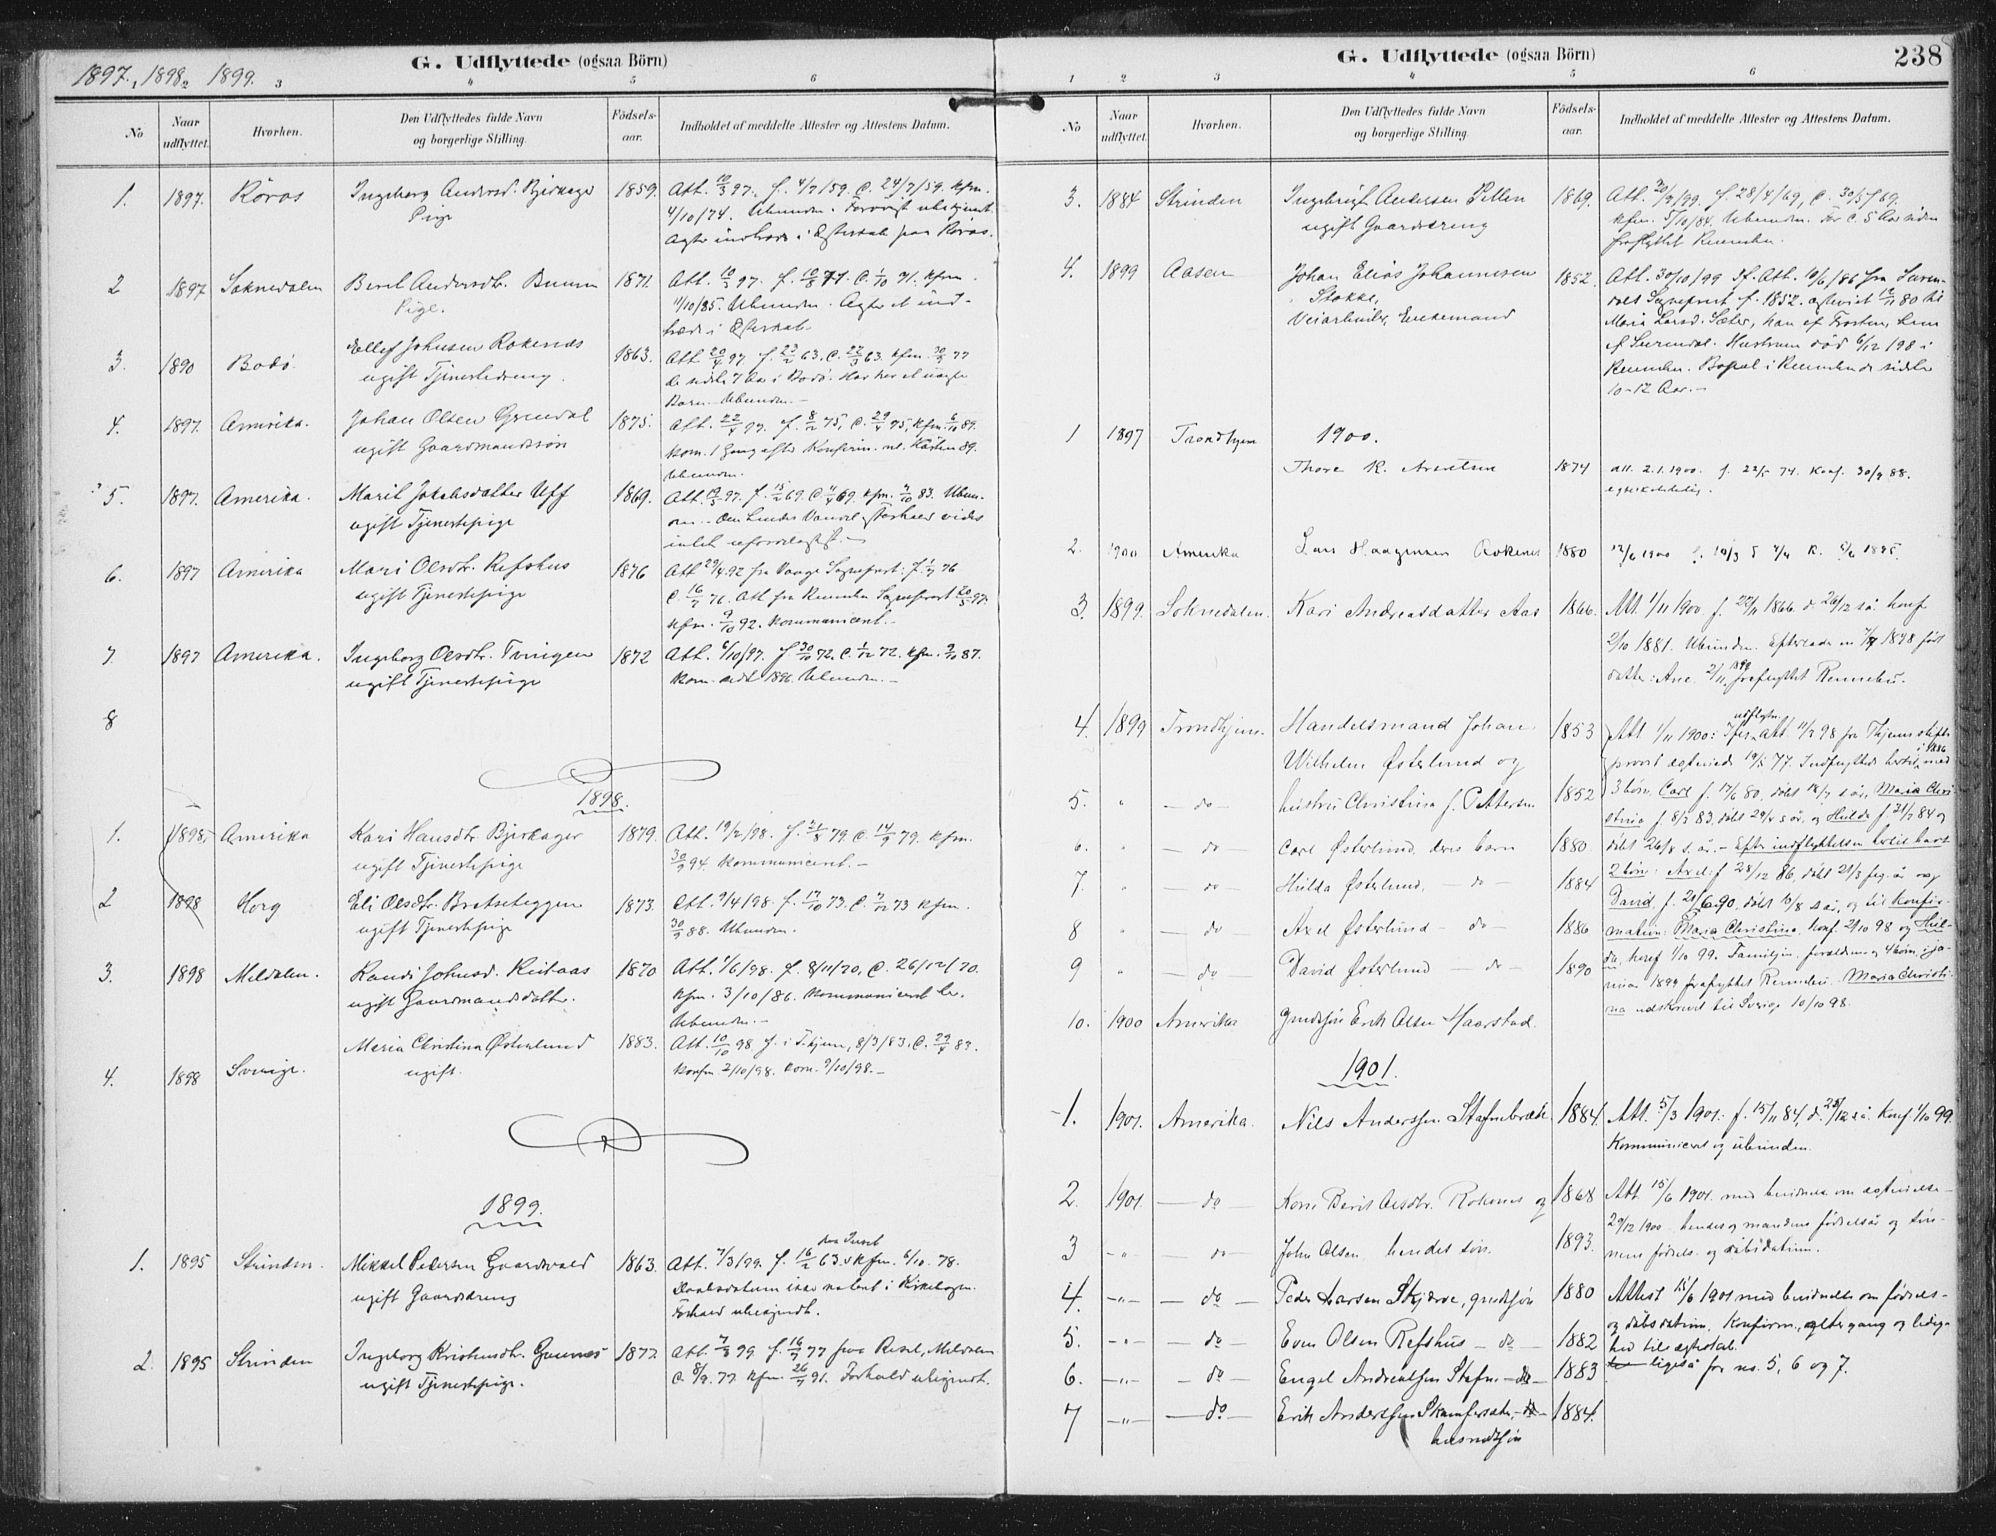 SAT, Ministerialprotokoller, klokkerbøker og fødselsregistre - Sør-Trøndelag, 674/L0872: Ministerialbok nr. 674A04, 1897-1907, s. 238